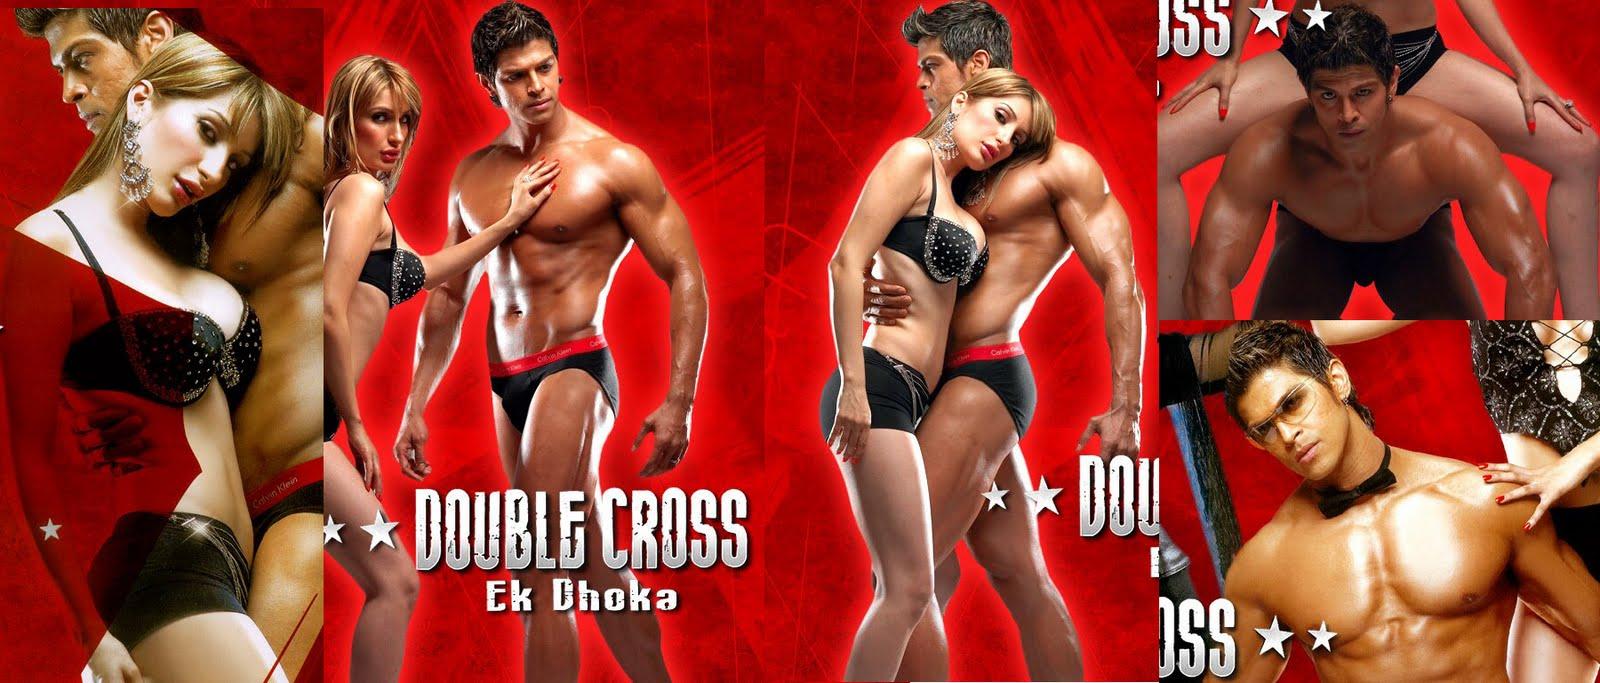 Sahil Khan Body Photo: Shirtless Bollywood Men: Sahil Khan